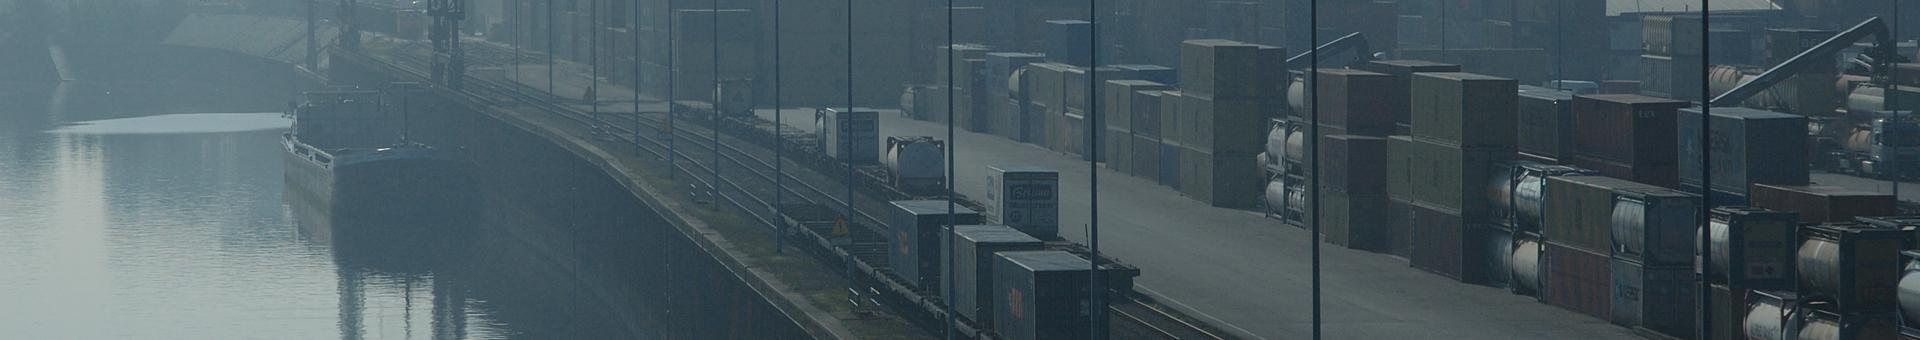 EIU Container